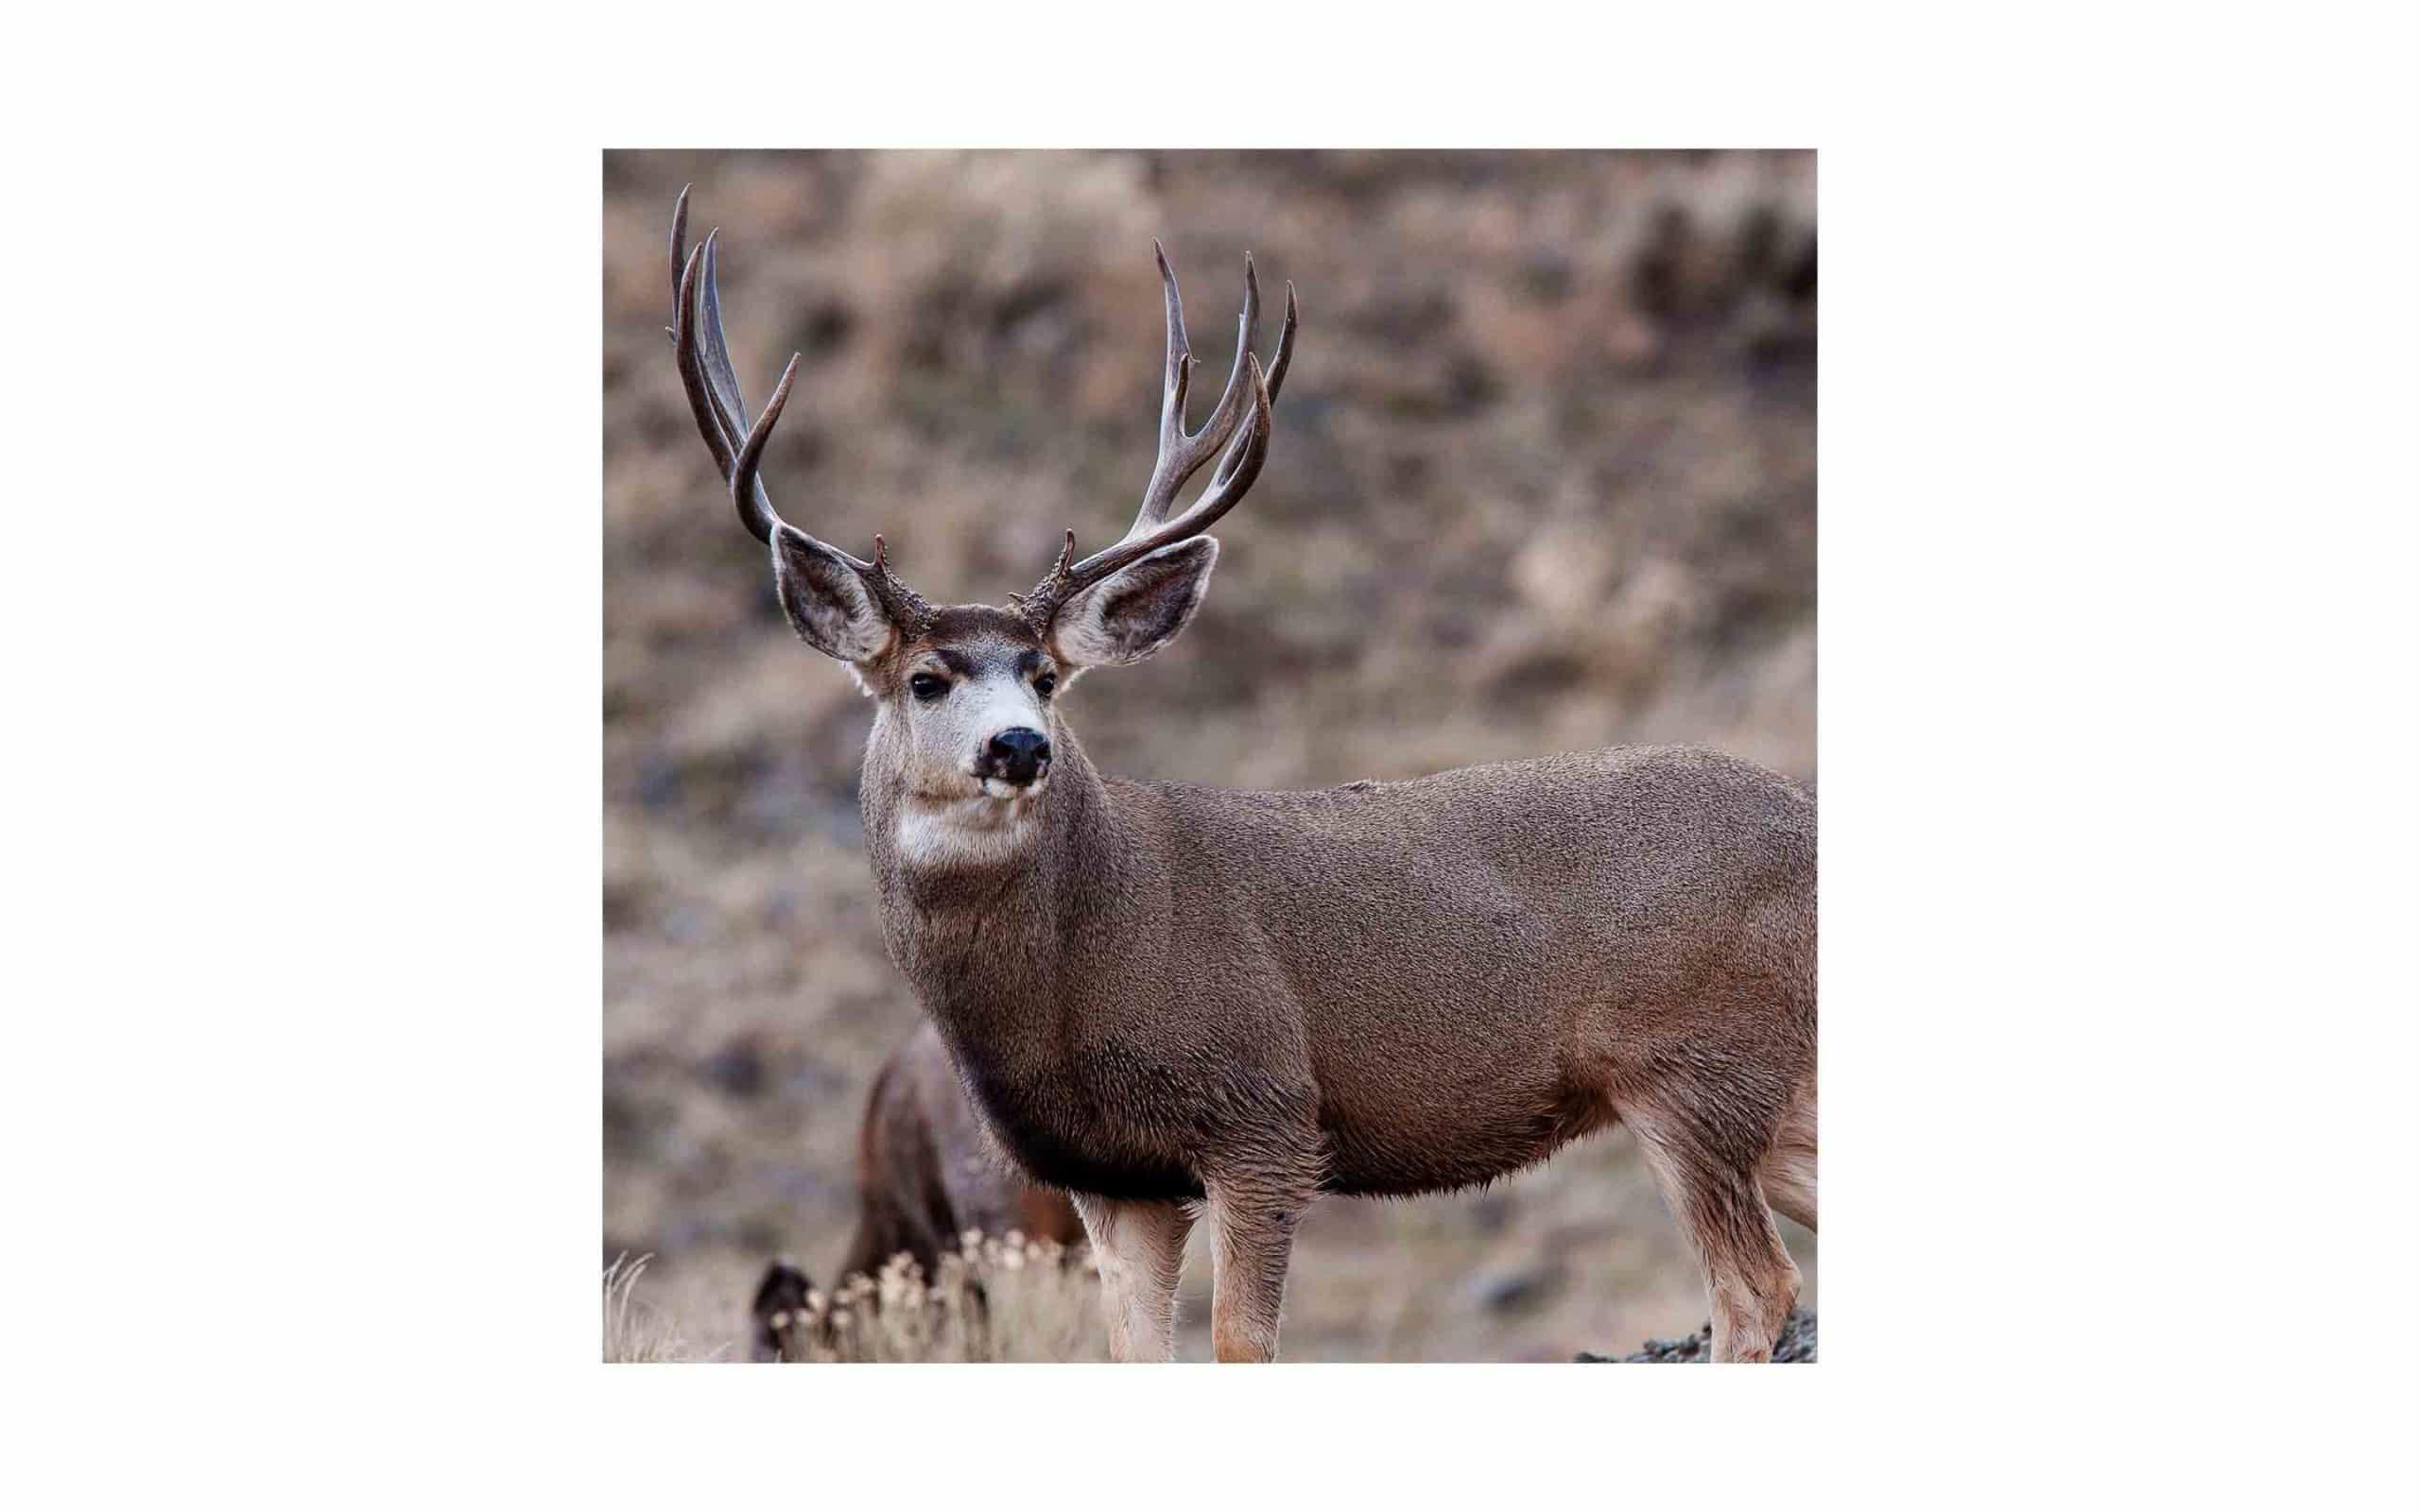 az-mule-deer-via-shutterstock.jpg?mtime=20170811134650#asset:6290